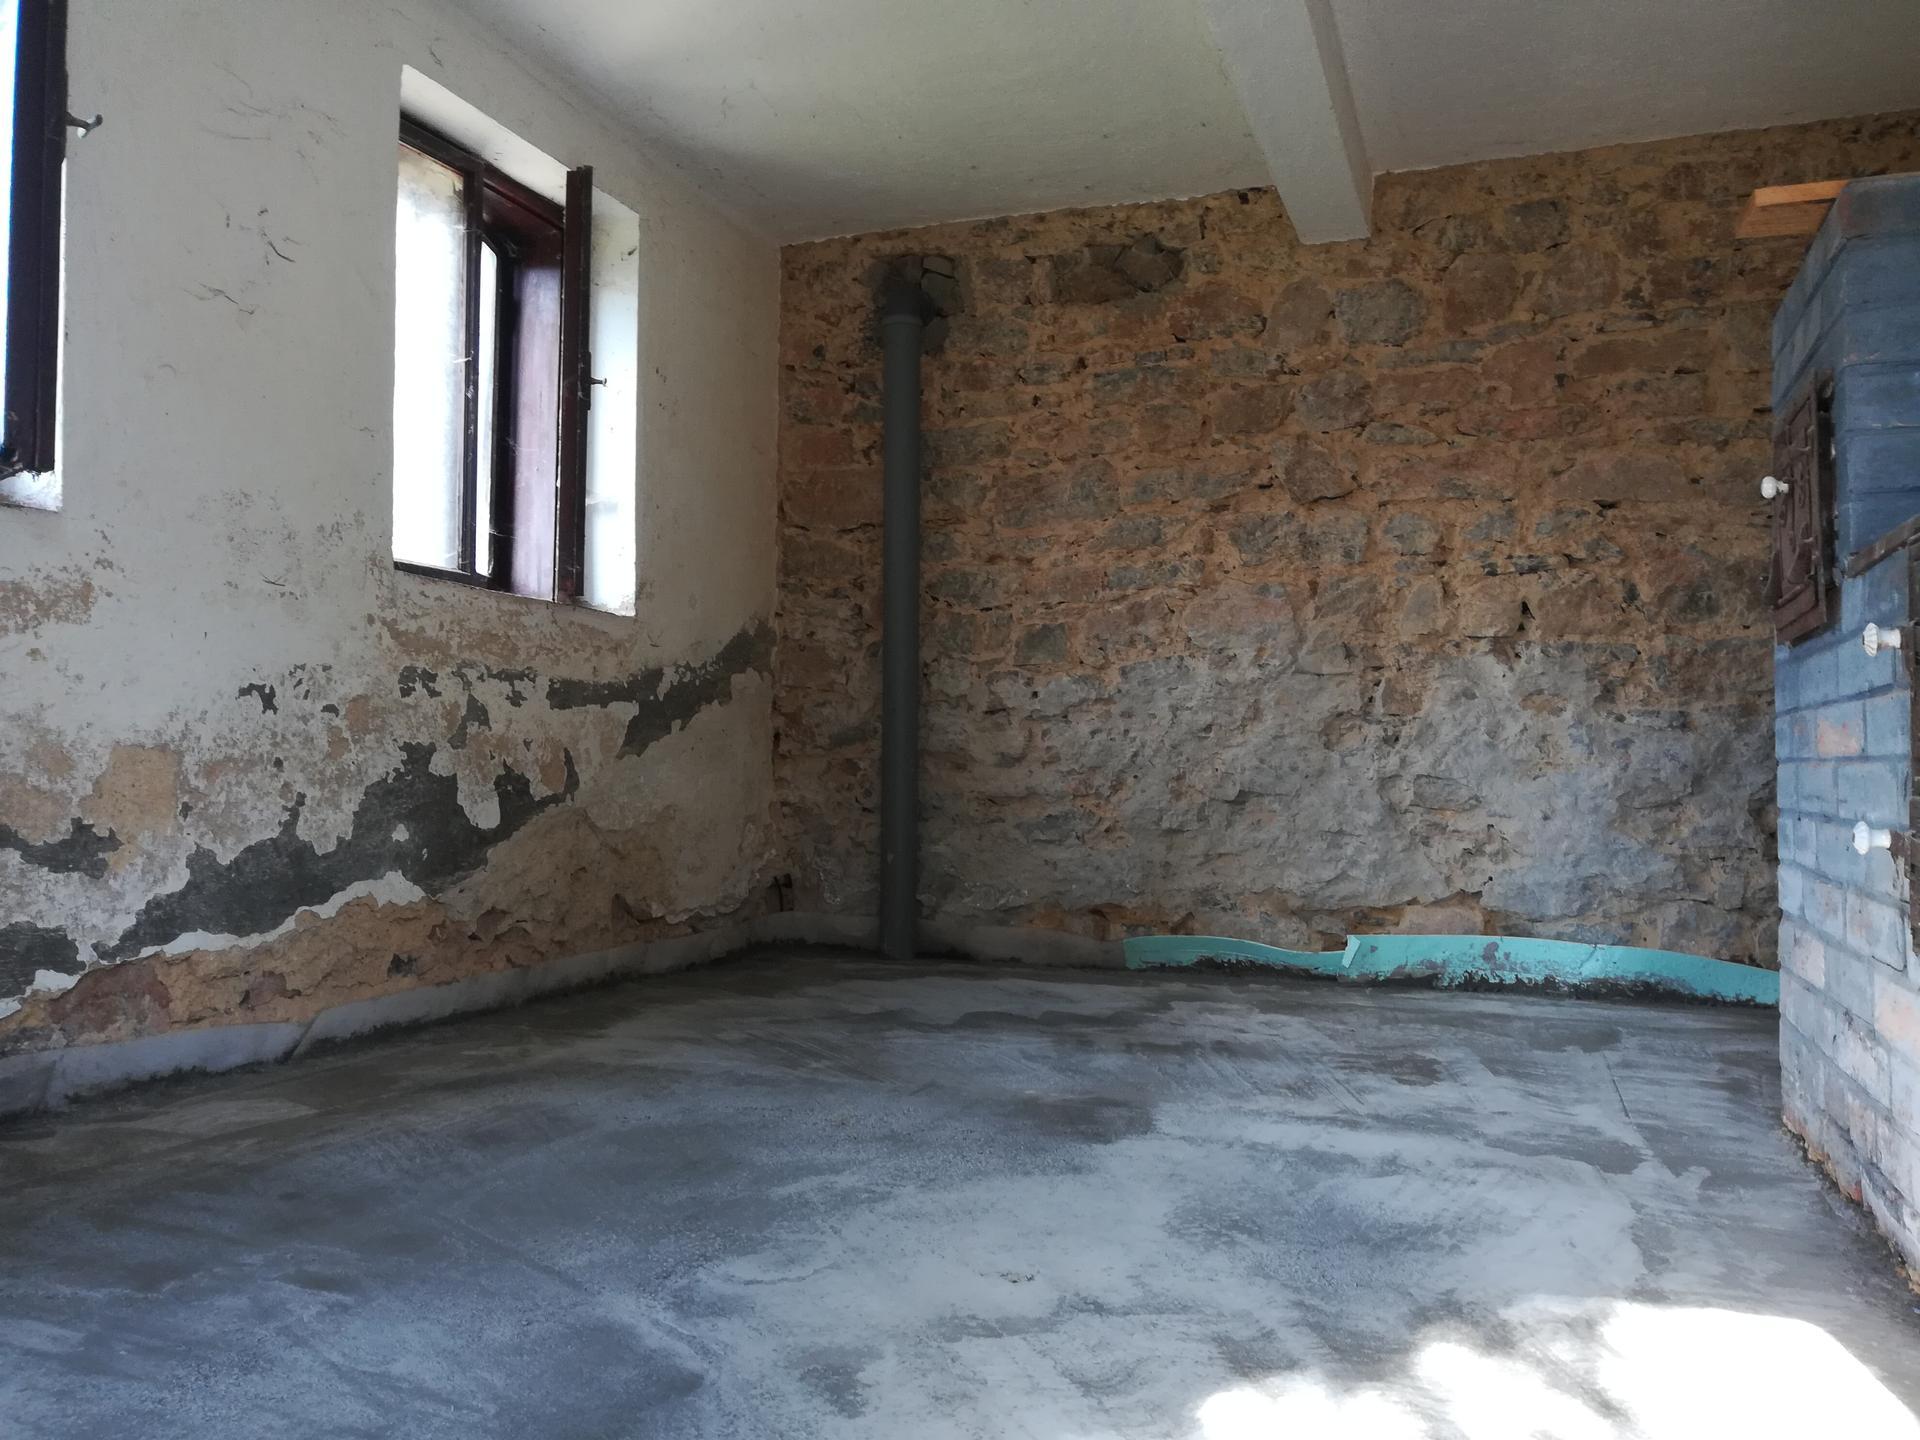 Letná kuchyňa. Inšpirácie vs. realita - Kamenná stena zostane priznaná.